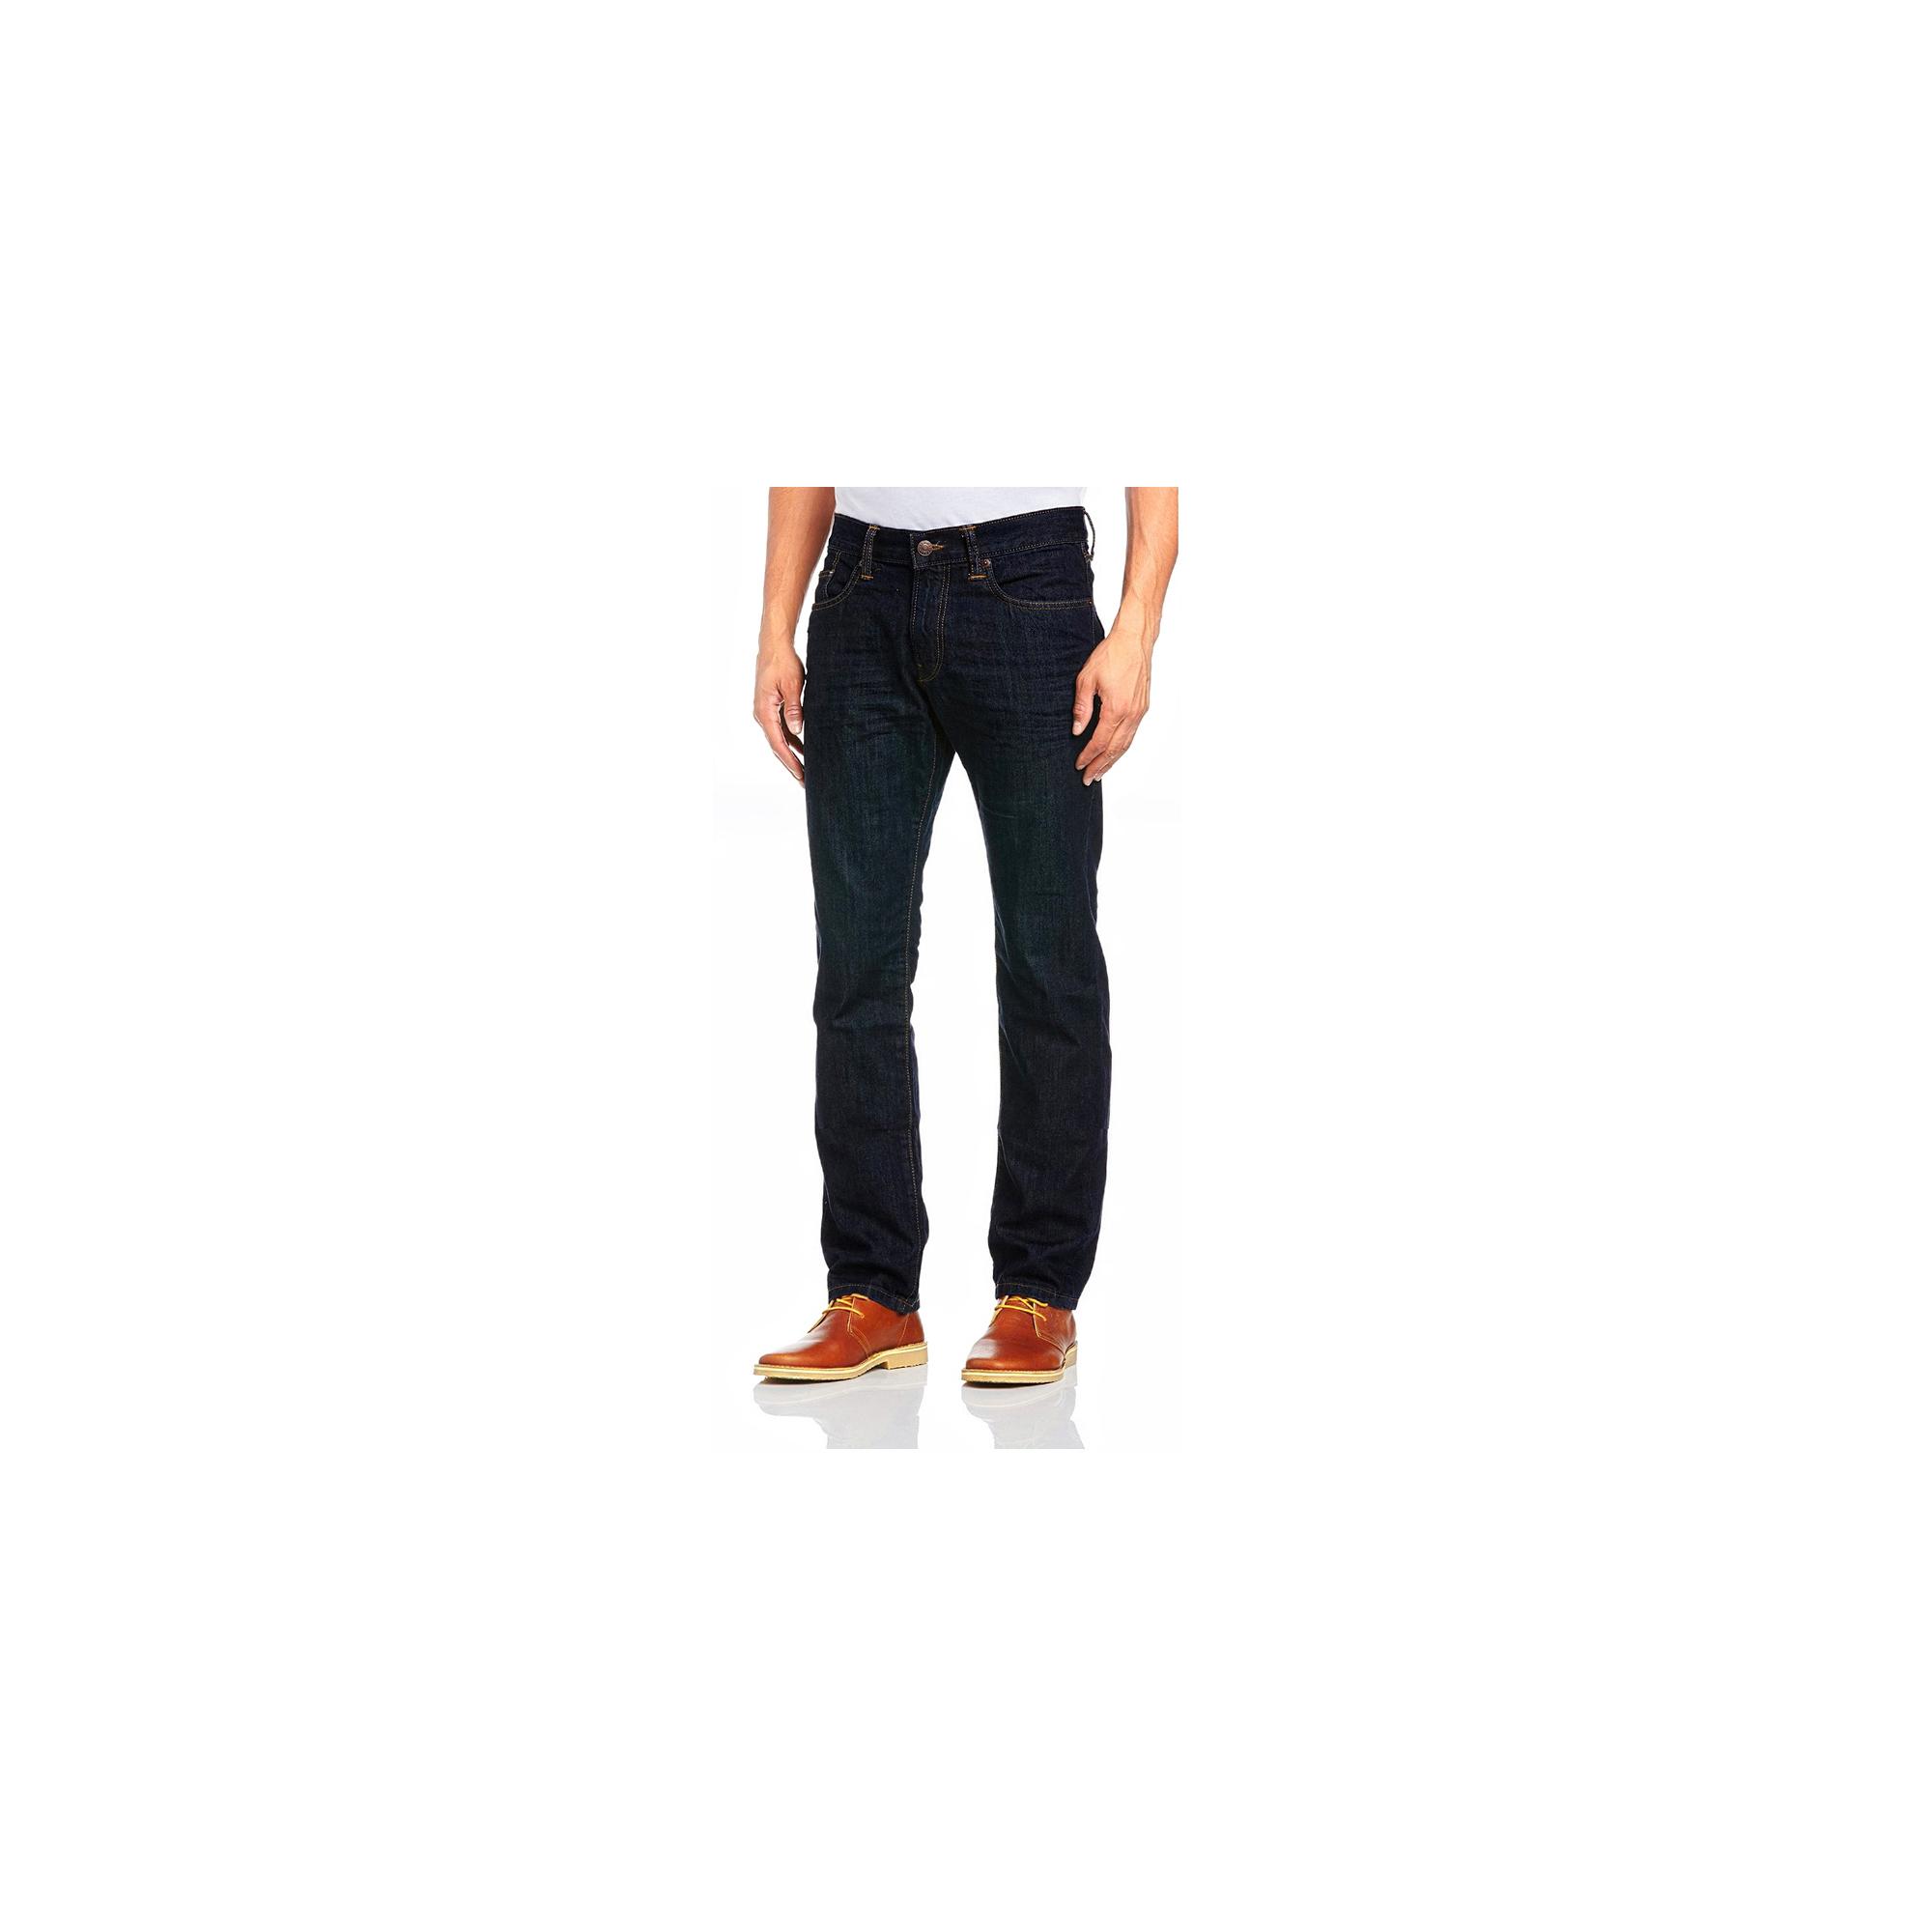 denim herren jeans hose straight leg regular fit stretch. Black Bedroom Furniture Sets. Home Design Ideas